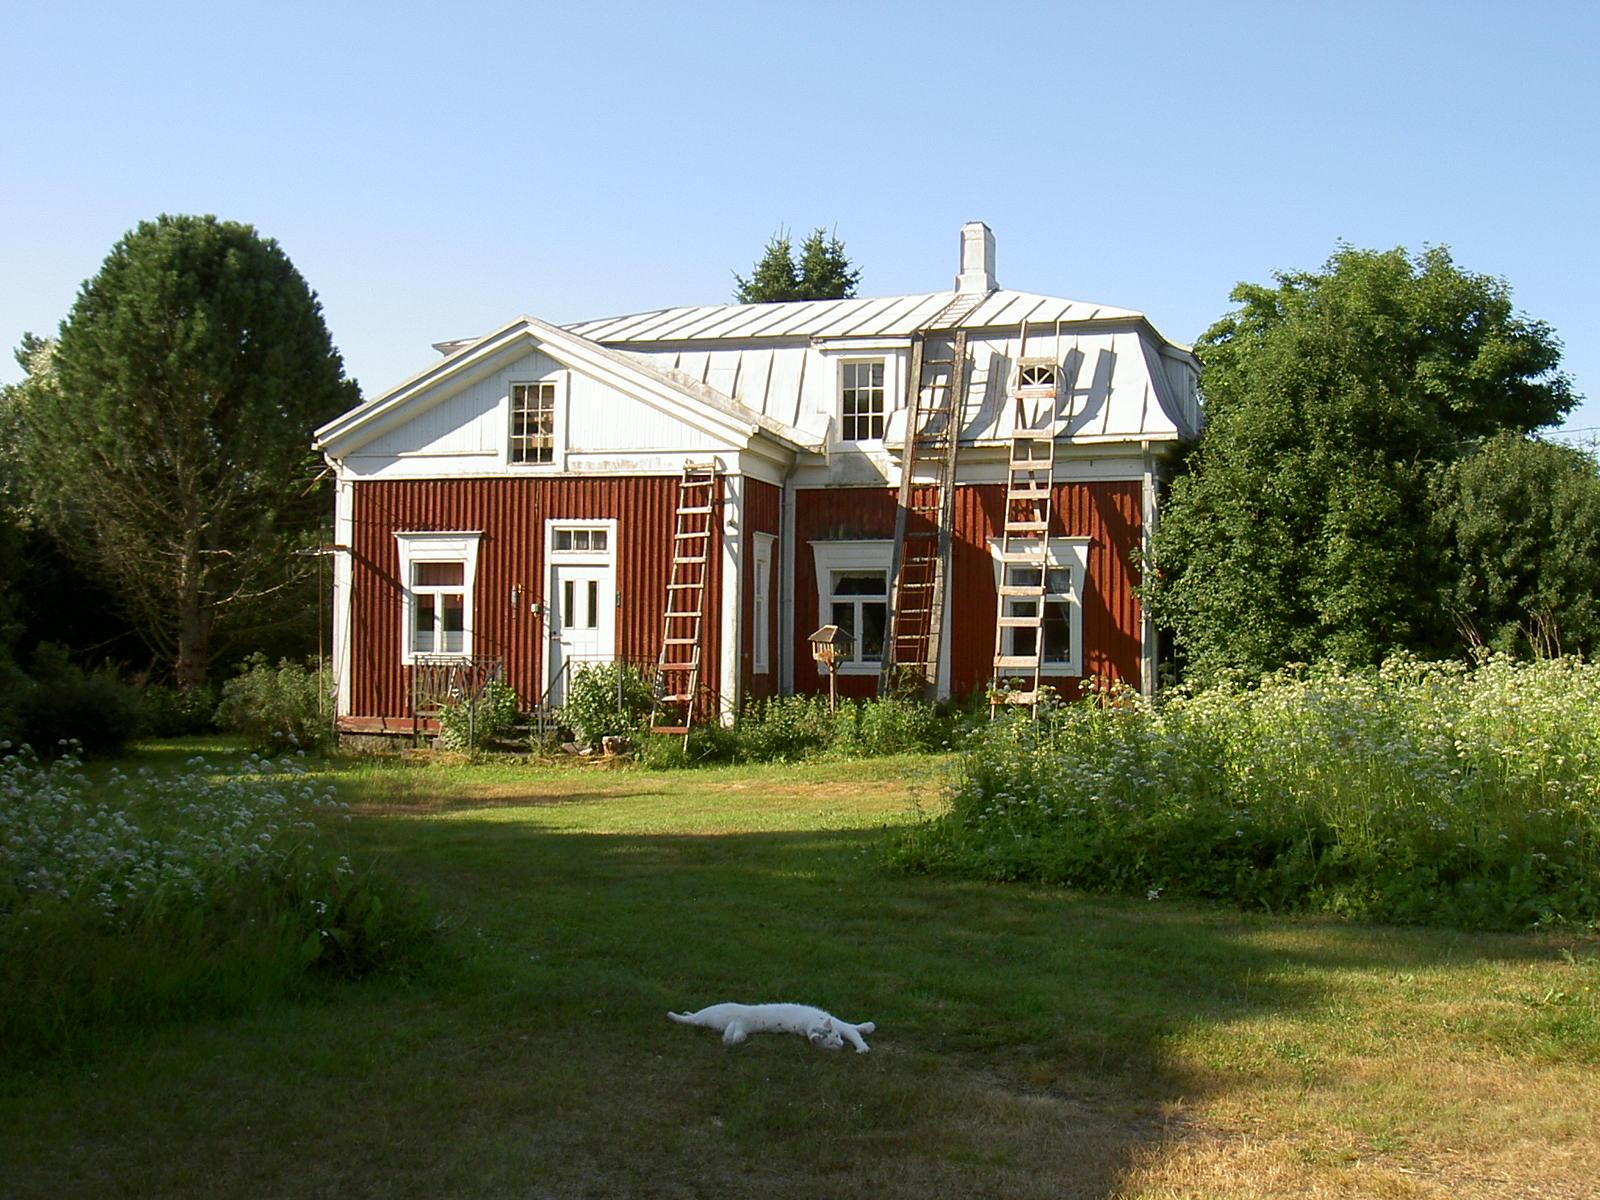 Det här speciella huset på Åbackvägen byggdes år 1930 av kapten Nils A. Nelson (1881-1961) och hans hustru Amanda (f. Gröndahl 1885-1944).